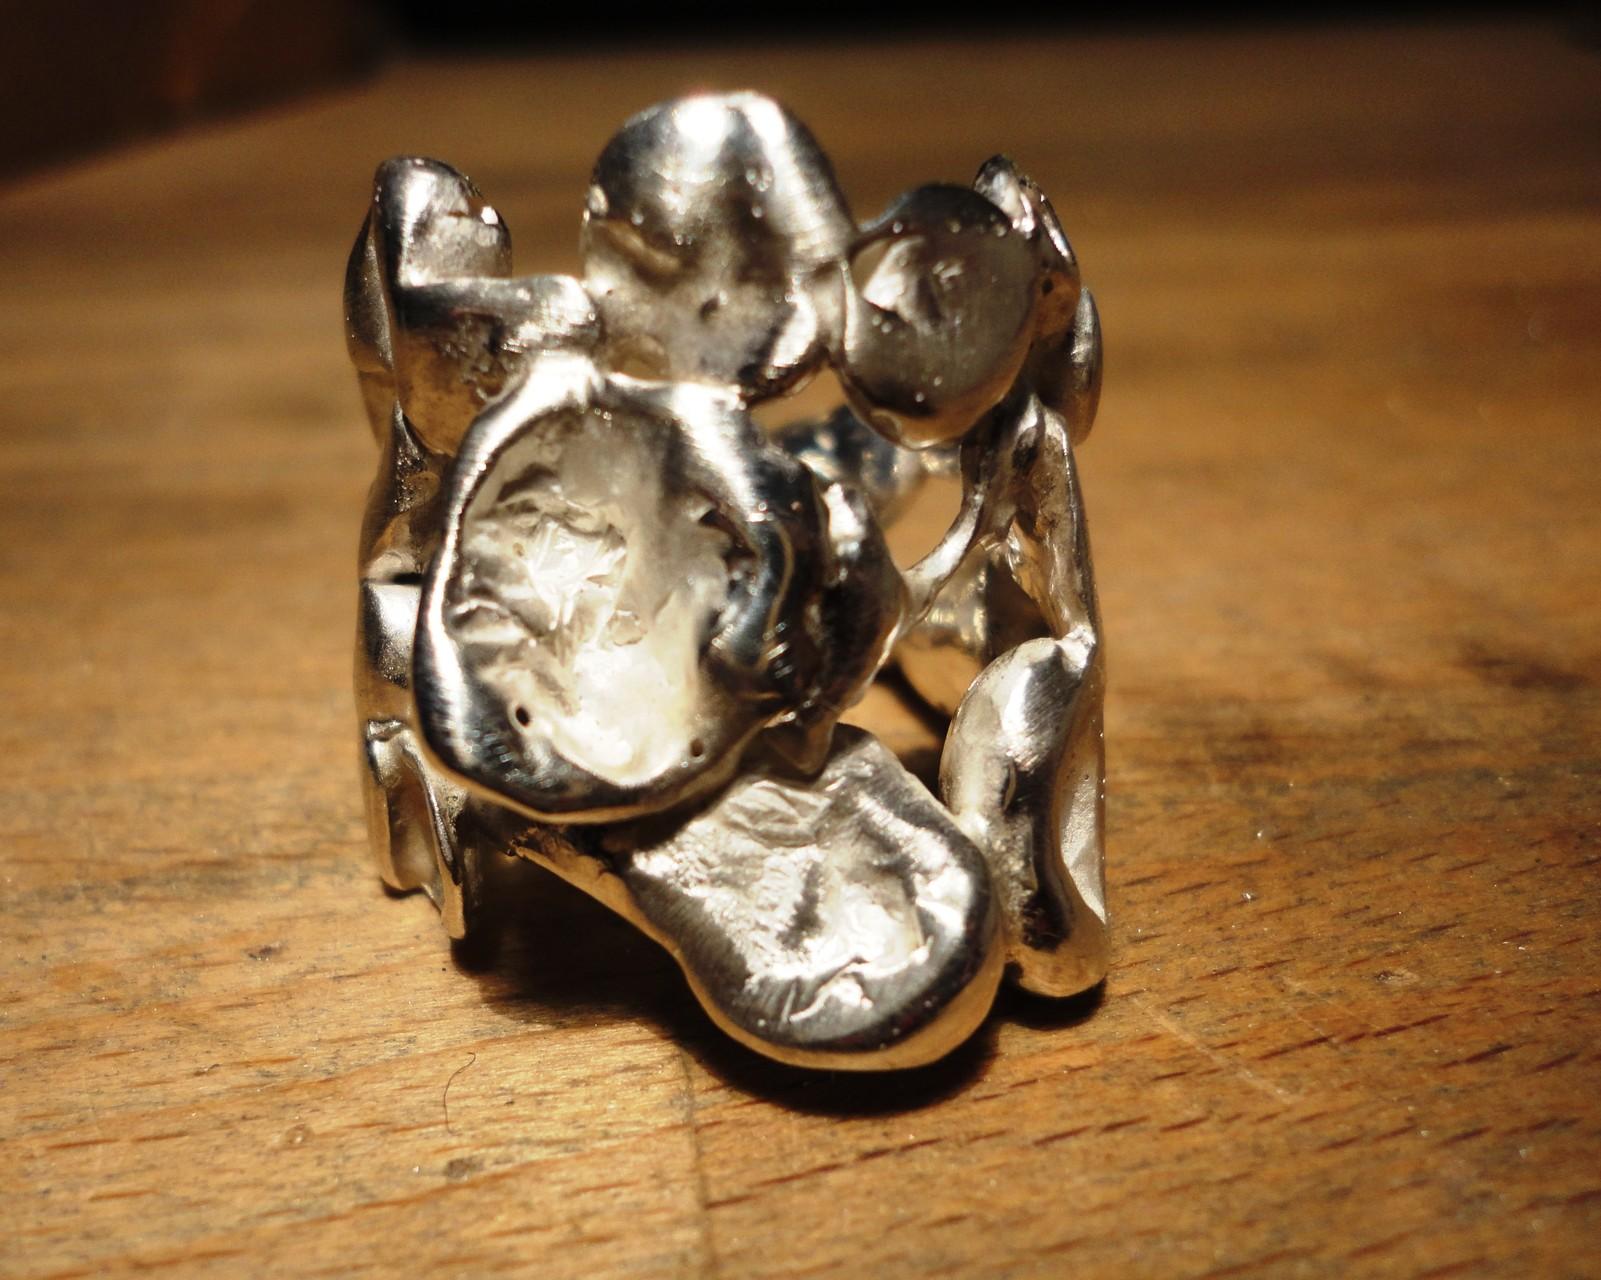 Silber-Nugget Ring (925 Sterlingsilber) Preis: CHF 250.-